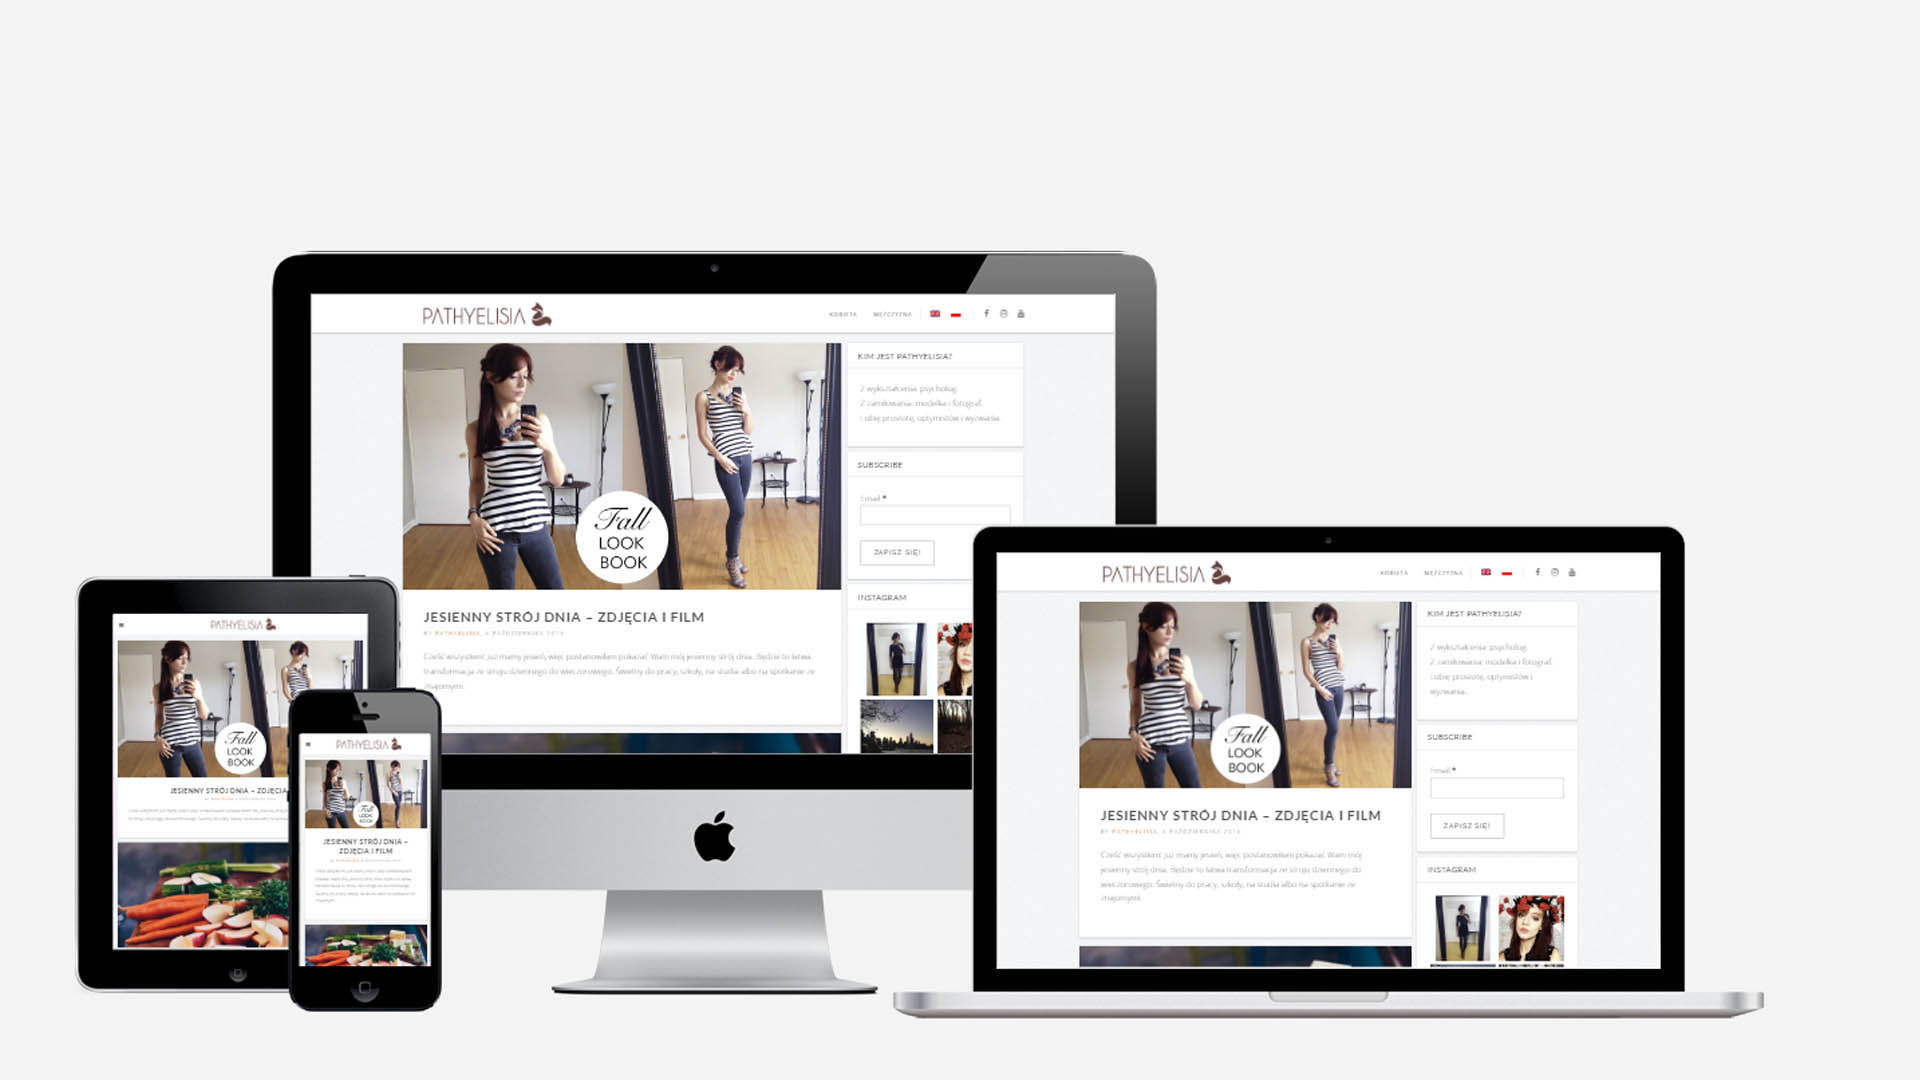 Thiết kế web bán hàng quần áo thời trang chuyên nghiệp